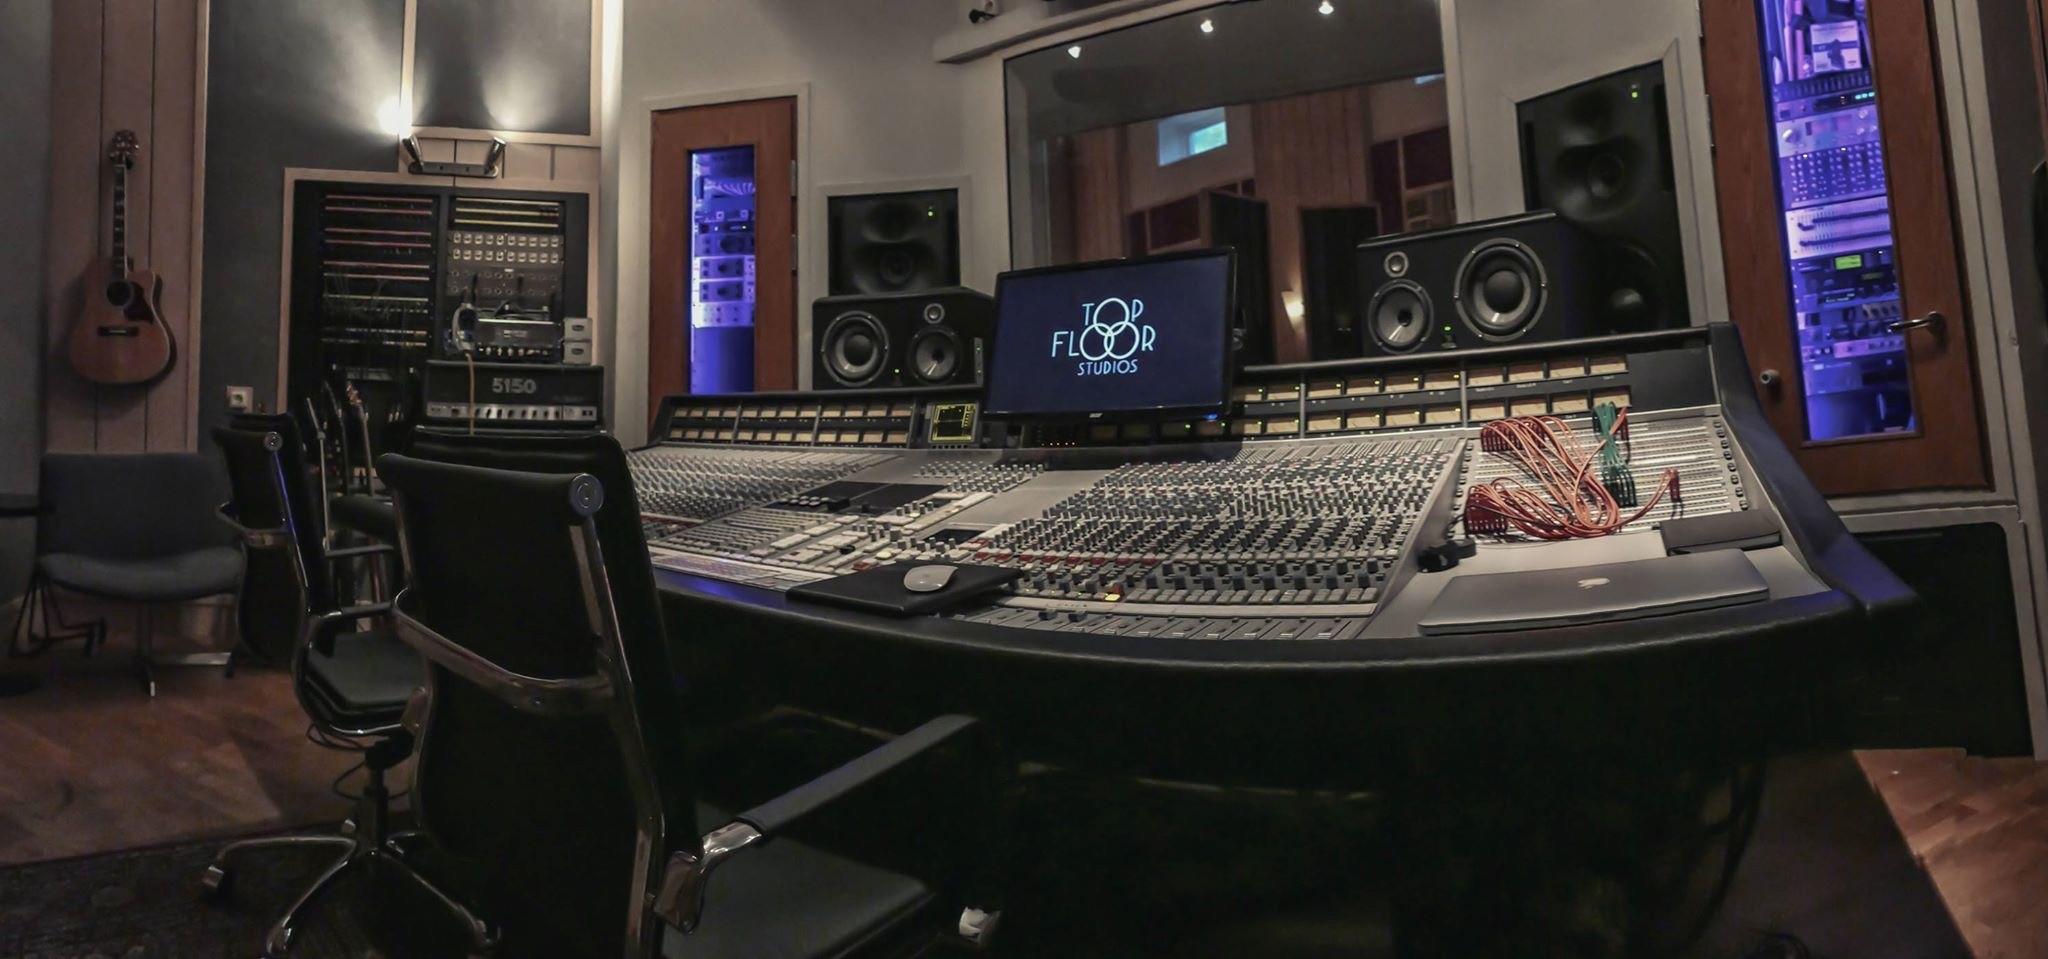 Top Floor Studios: En föreläsning om studioinspelning